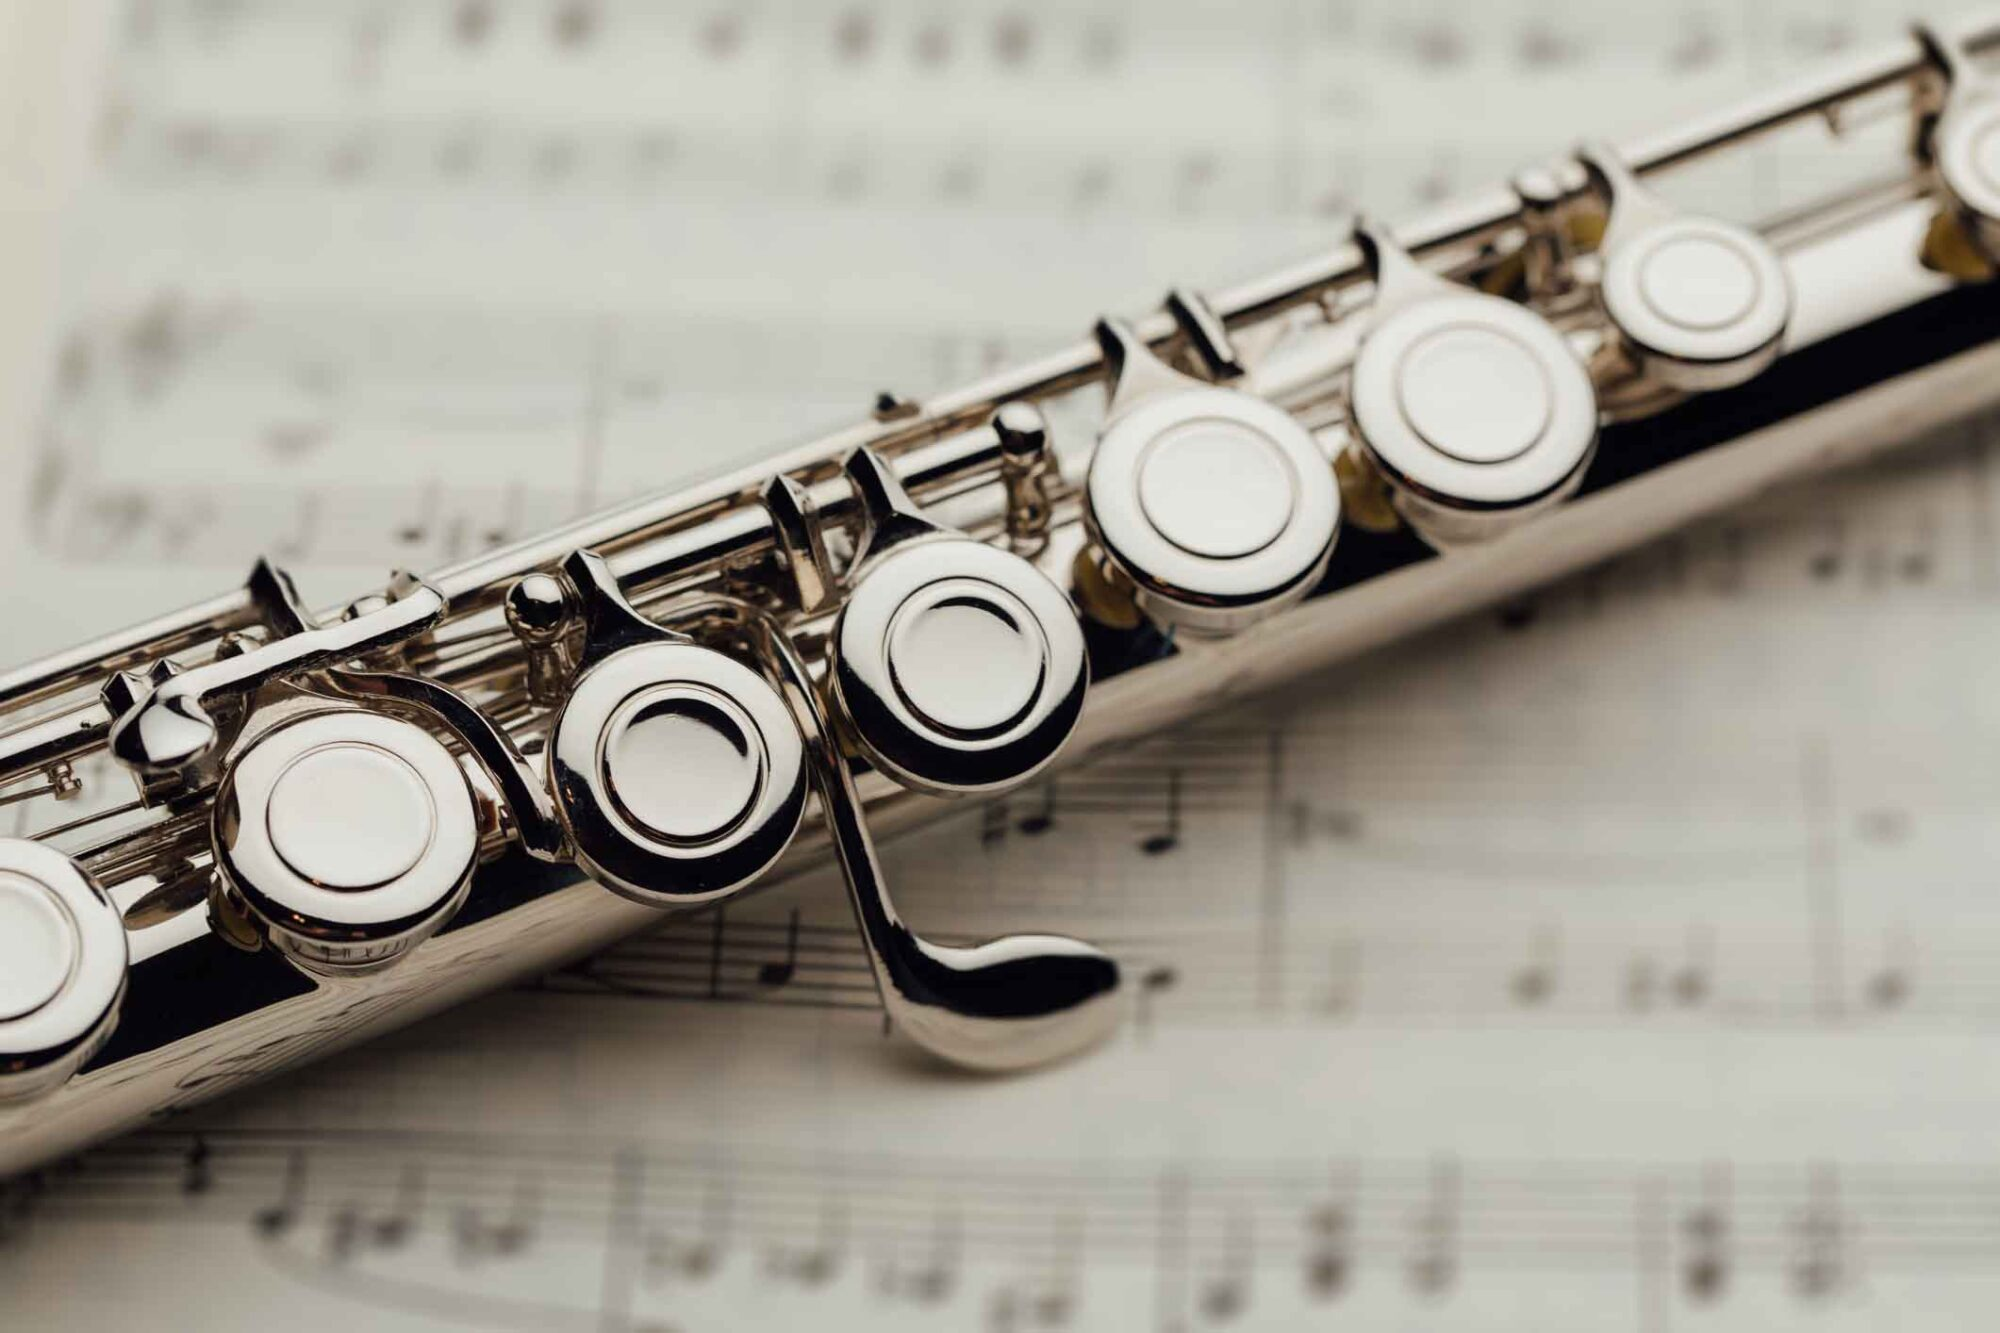 Professional flute repair